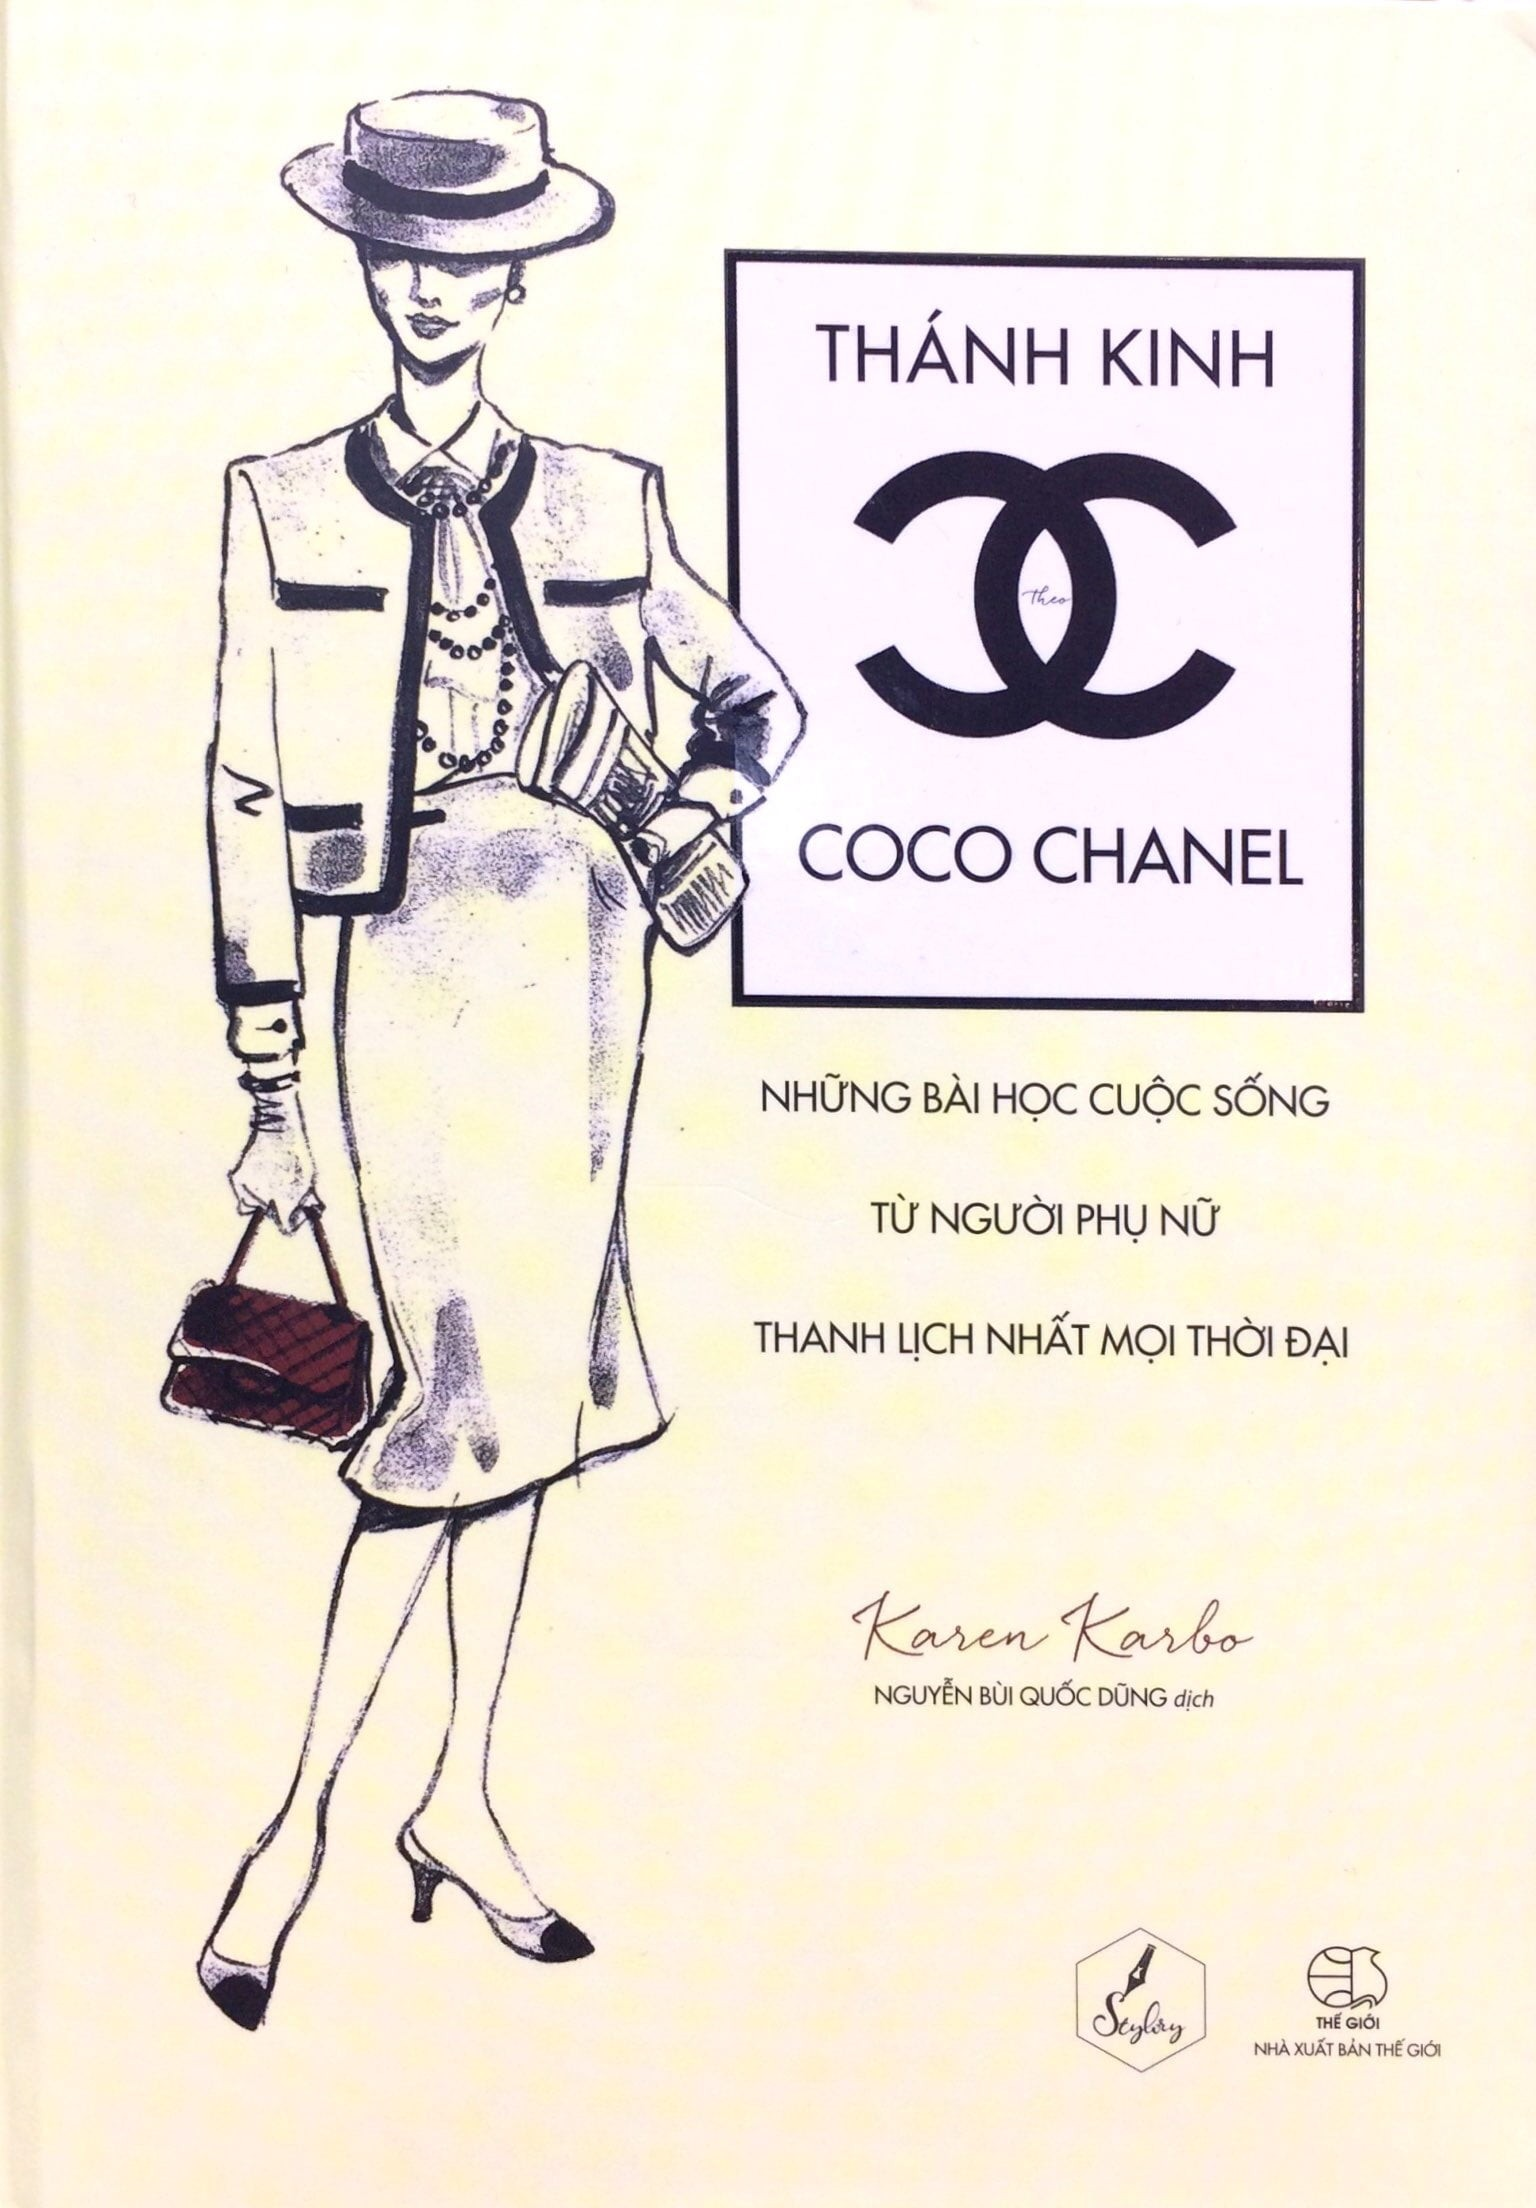 sách thời trang thánh kinh theo coco chanel karren karbo